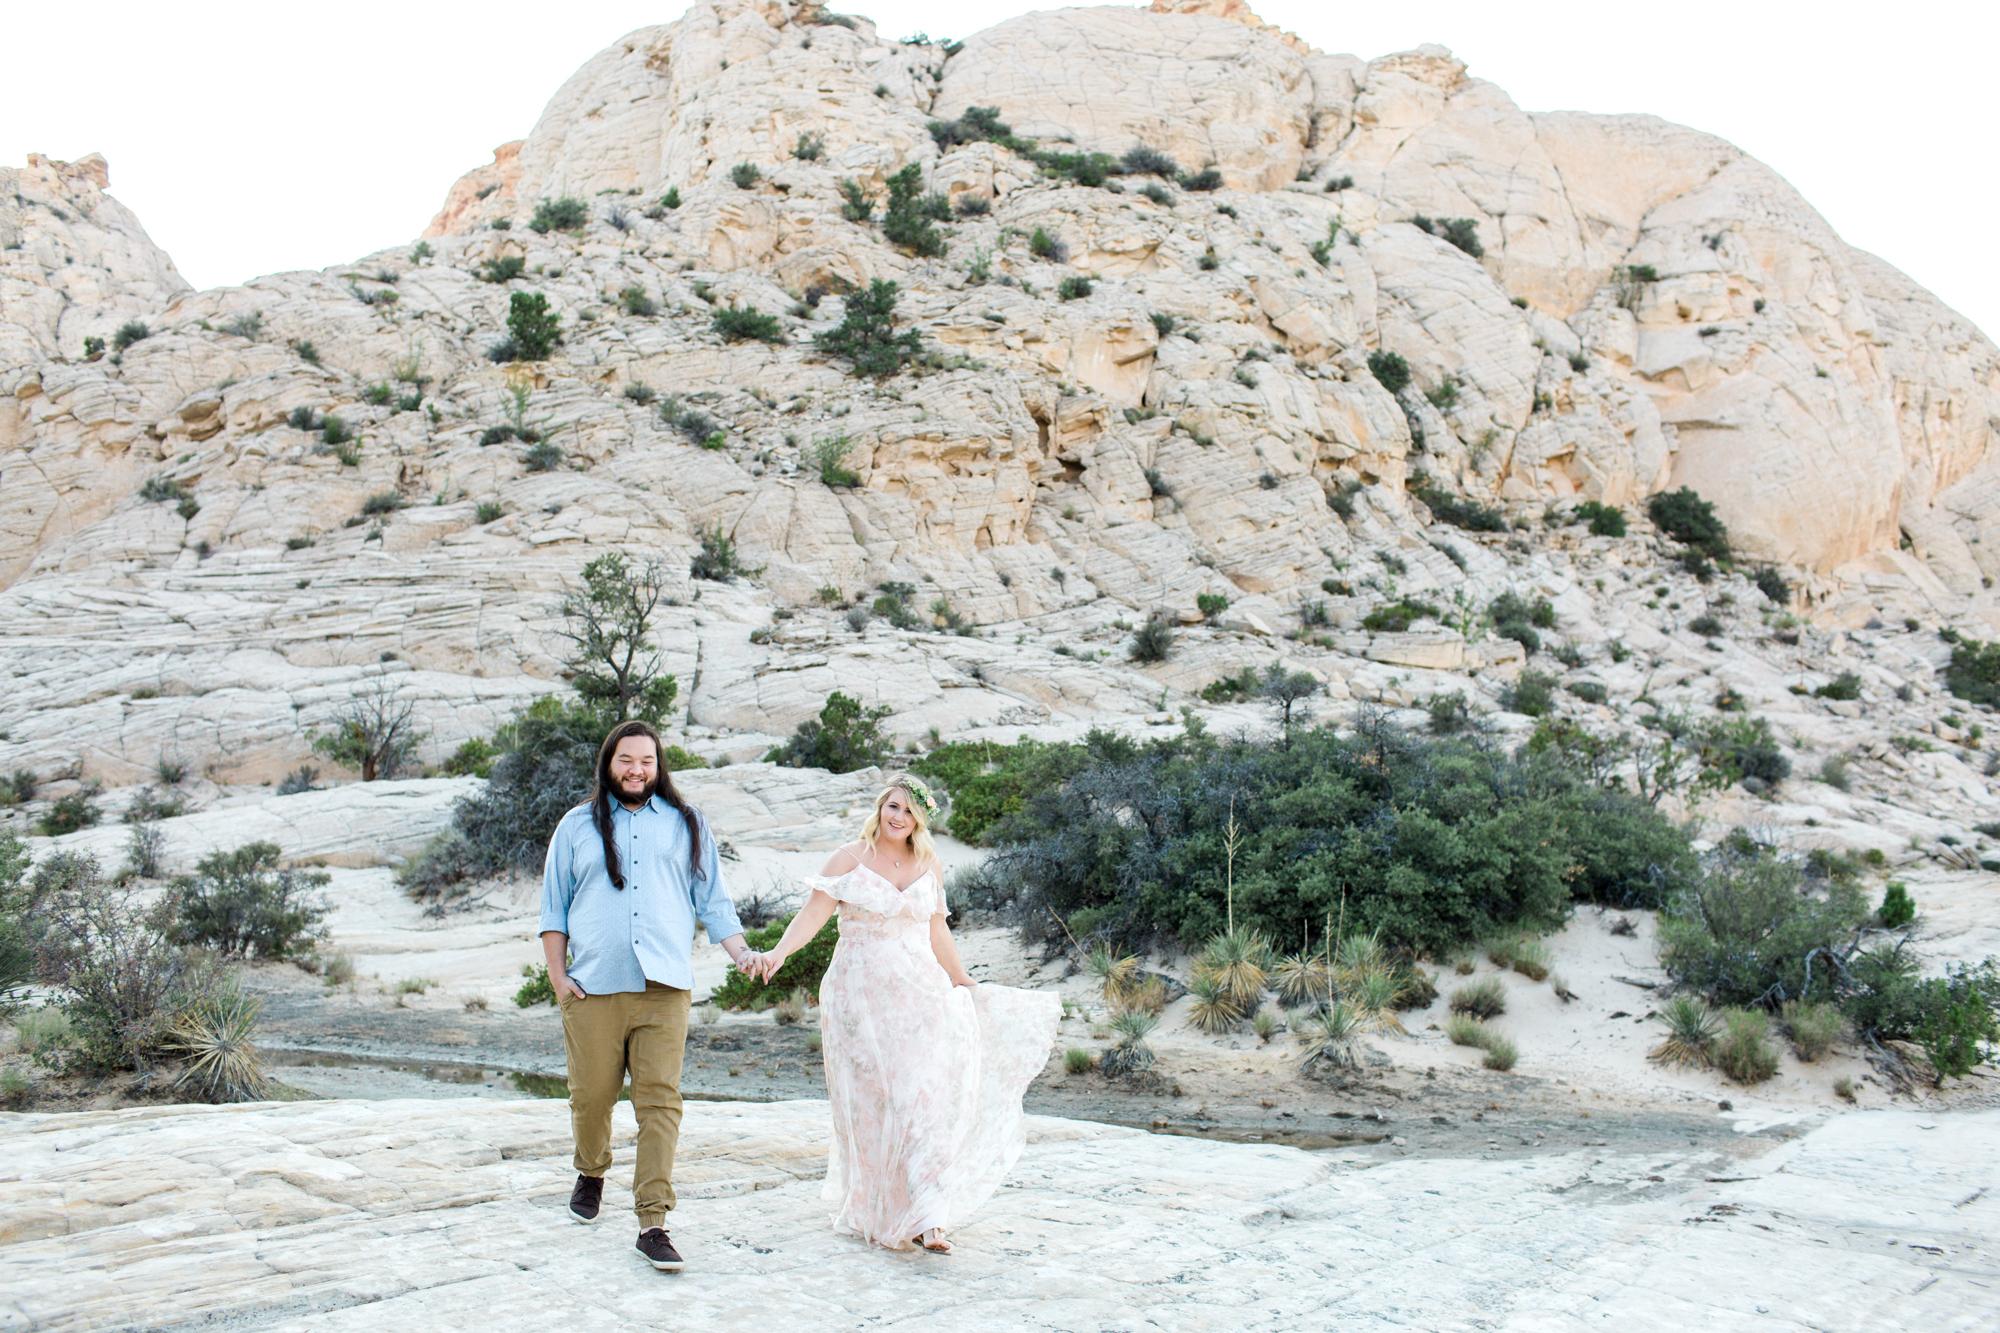 Kelcie-Ryan-Engagements-164.jpg